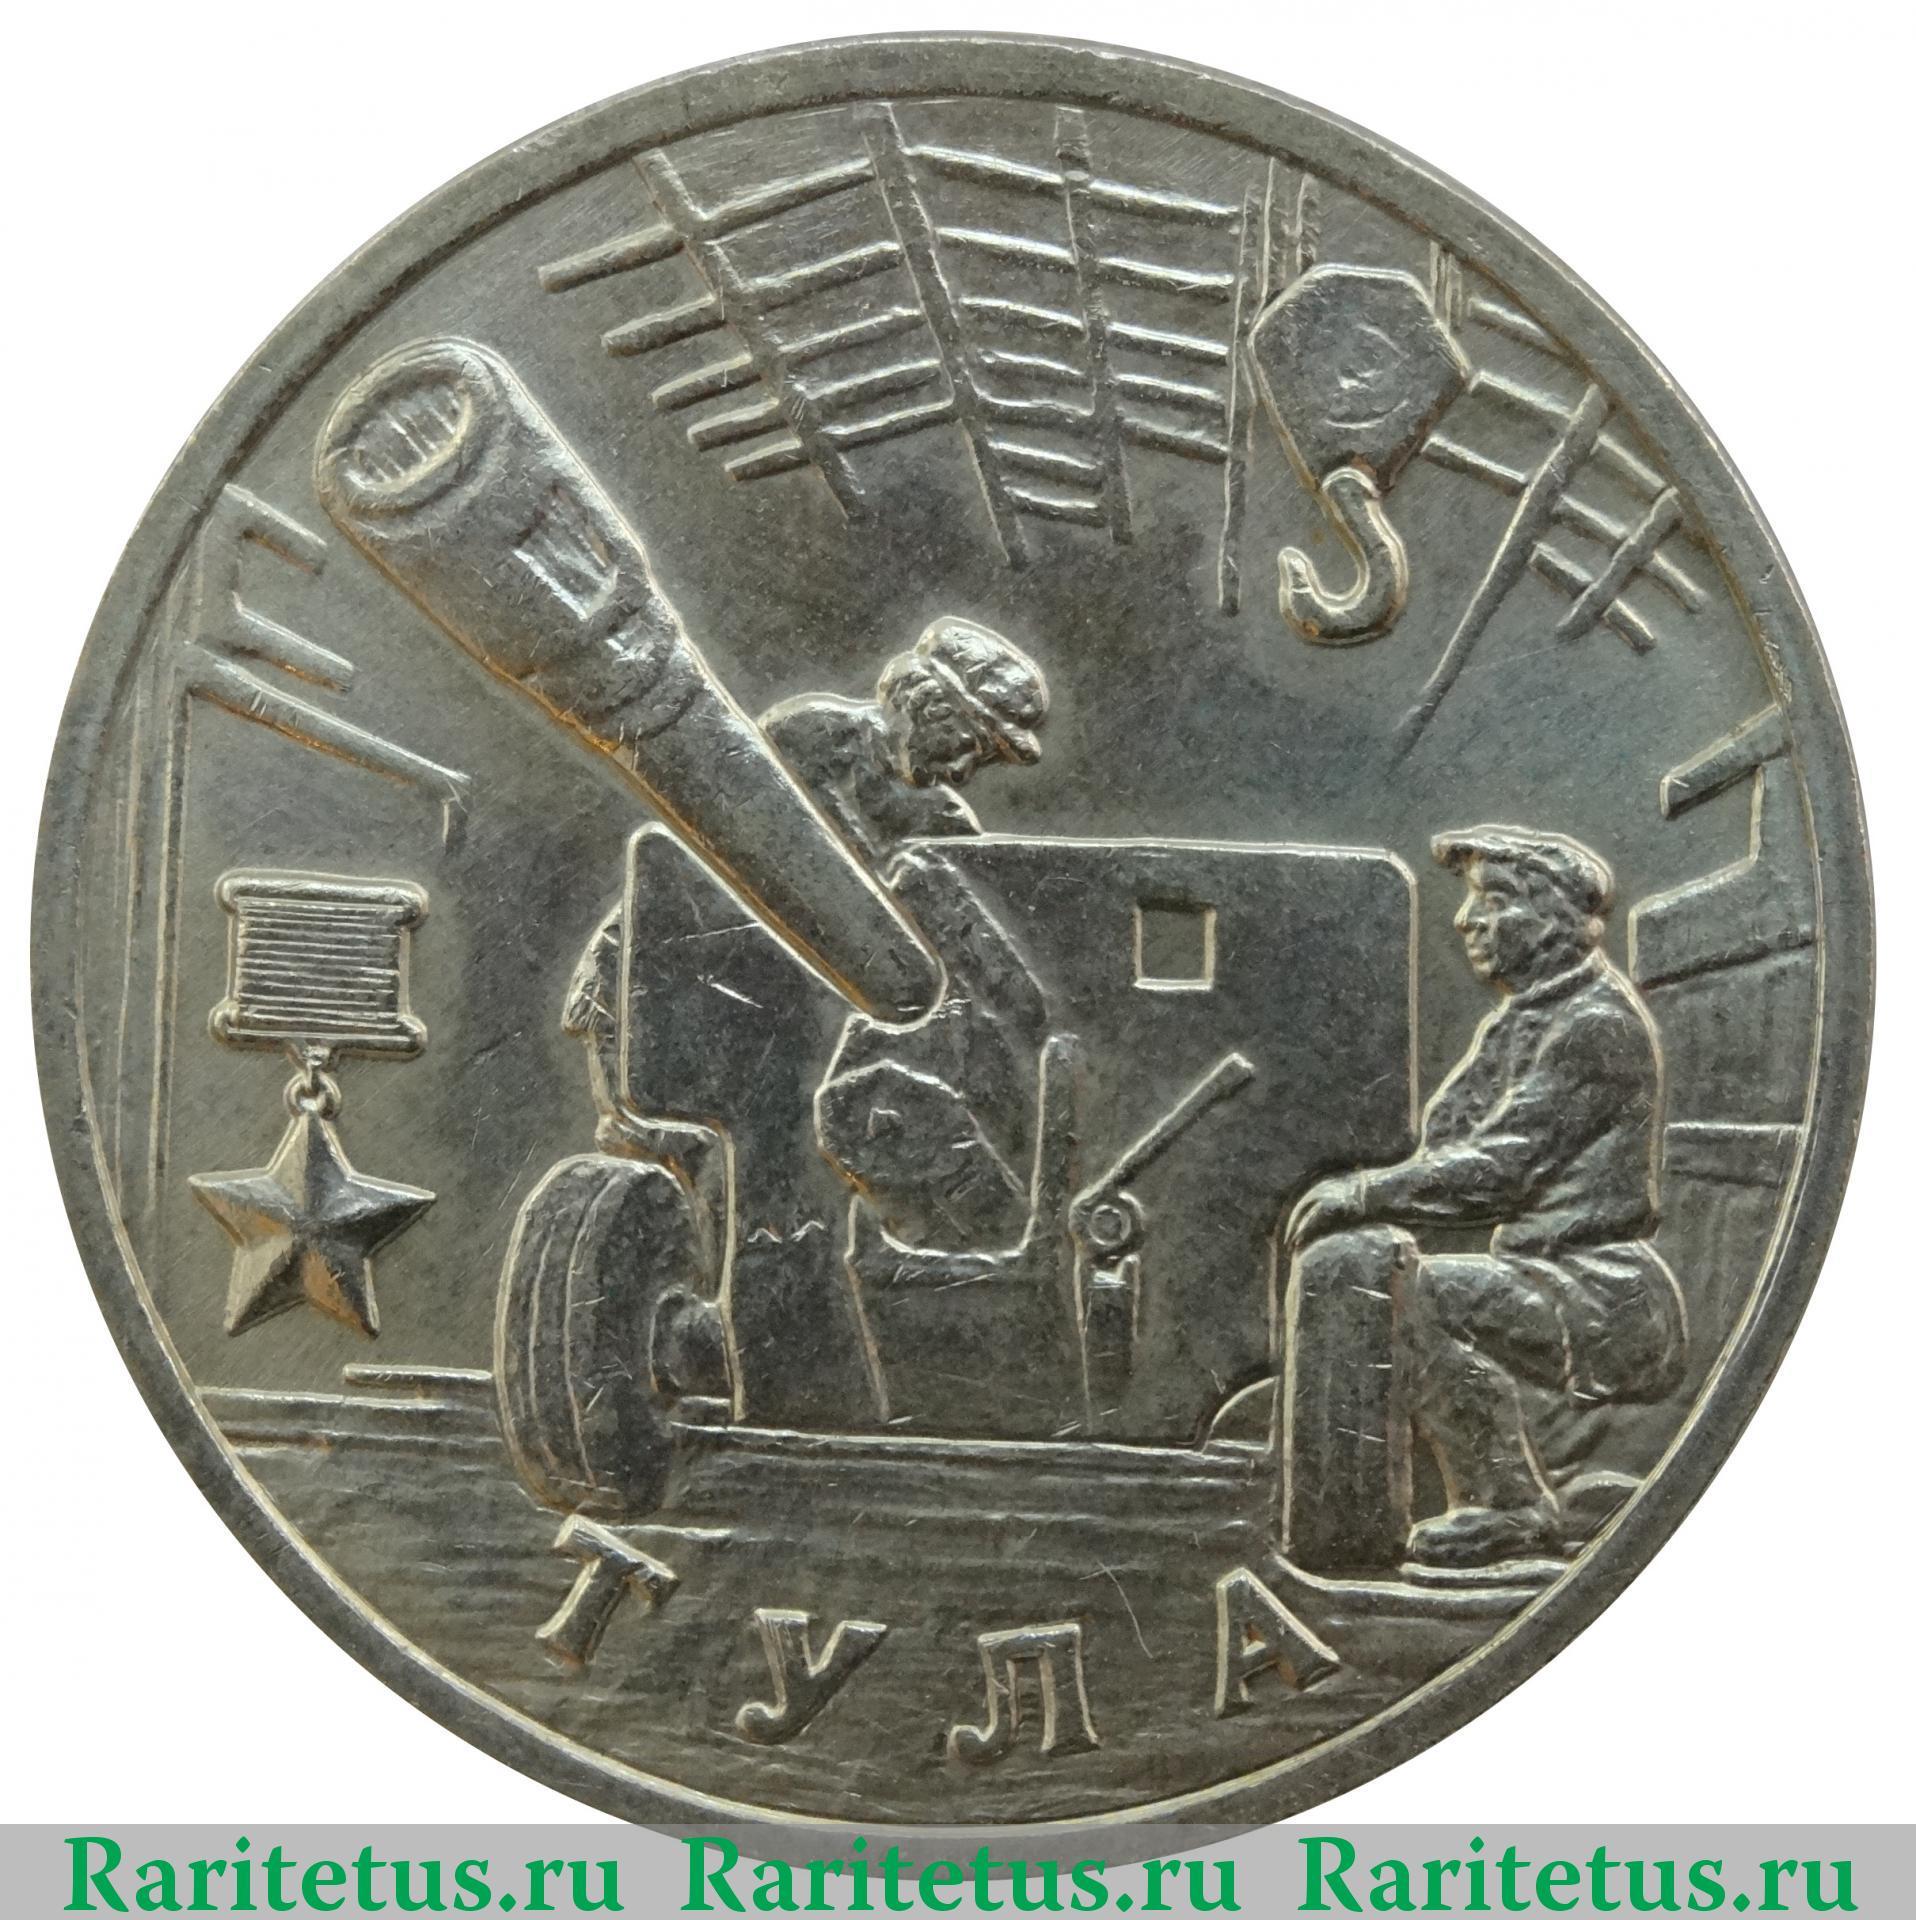 Купить монеты в туле монета ссср 1 копейка 1980 года цена